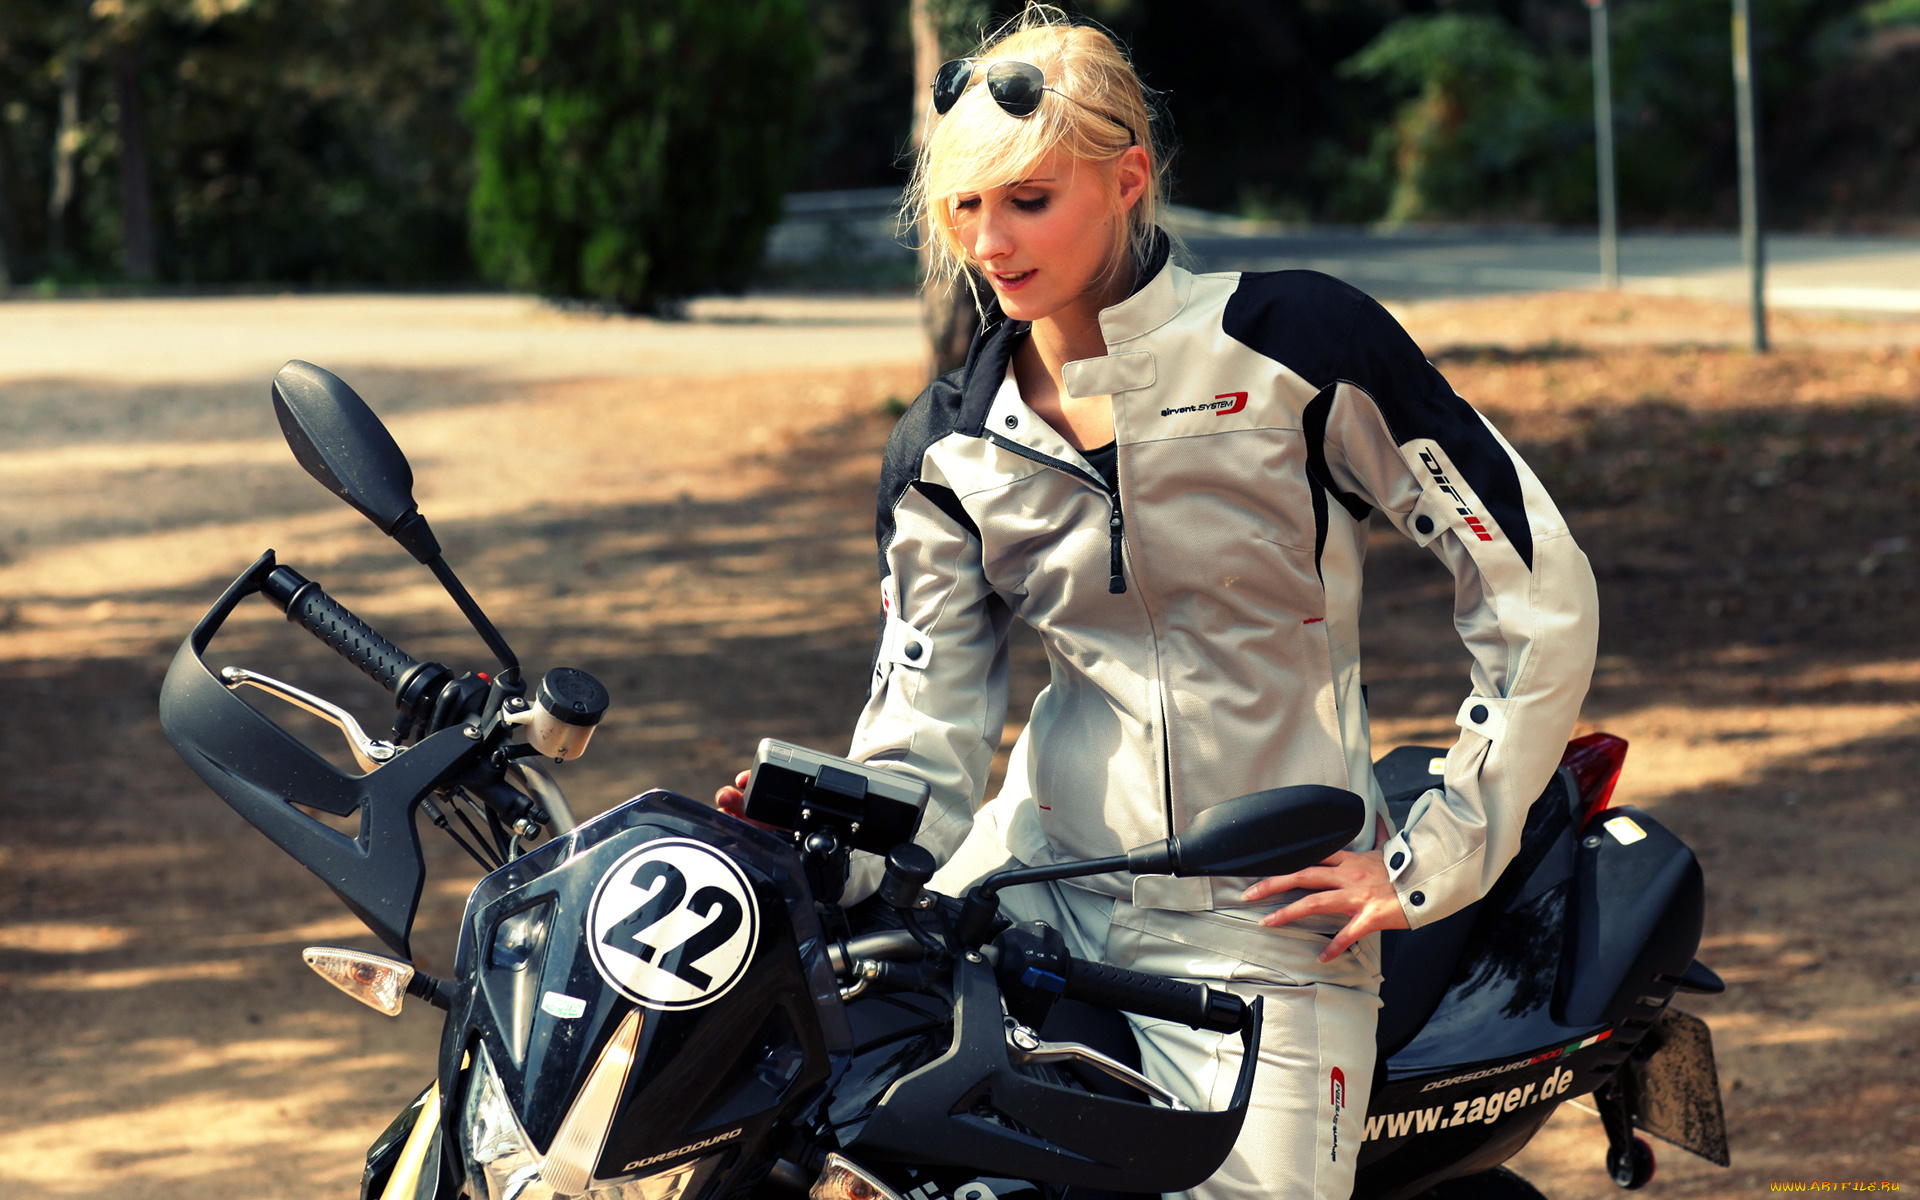 Фото девушек на байках, Прекрасные девушки на шикарных мотоциклах (80 фото) 17 фотография